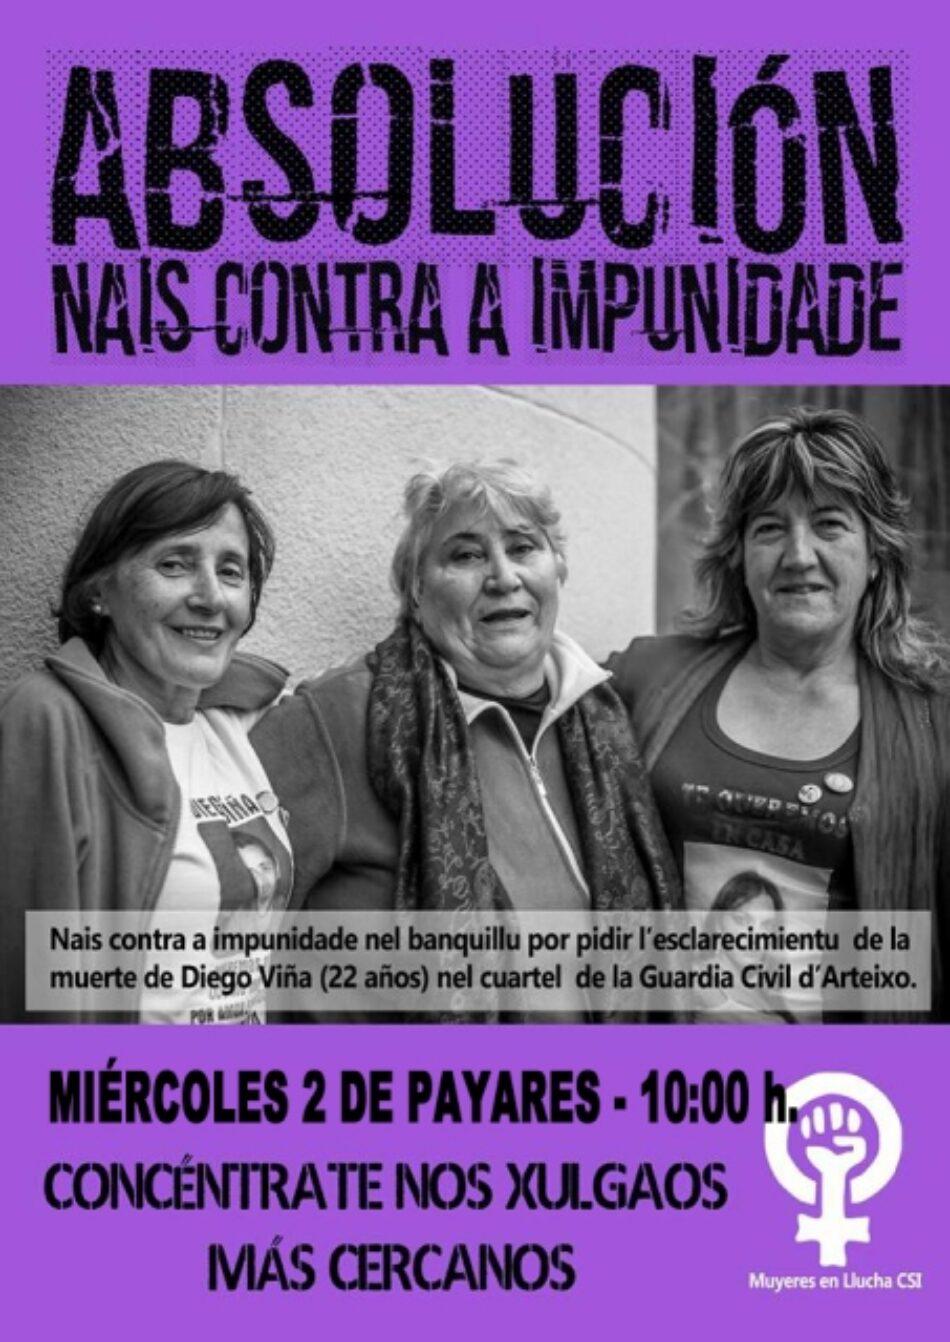 Concentración miércoles 2 de noviembre nais contra a impunidade absolución